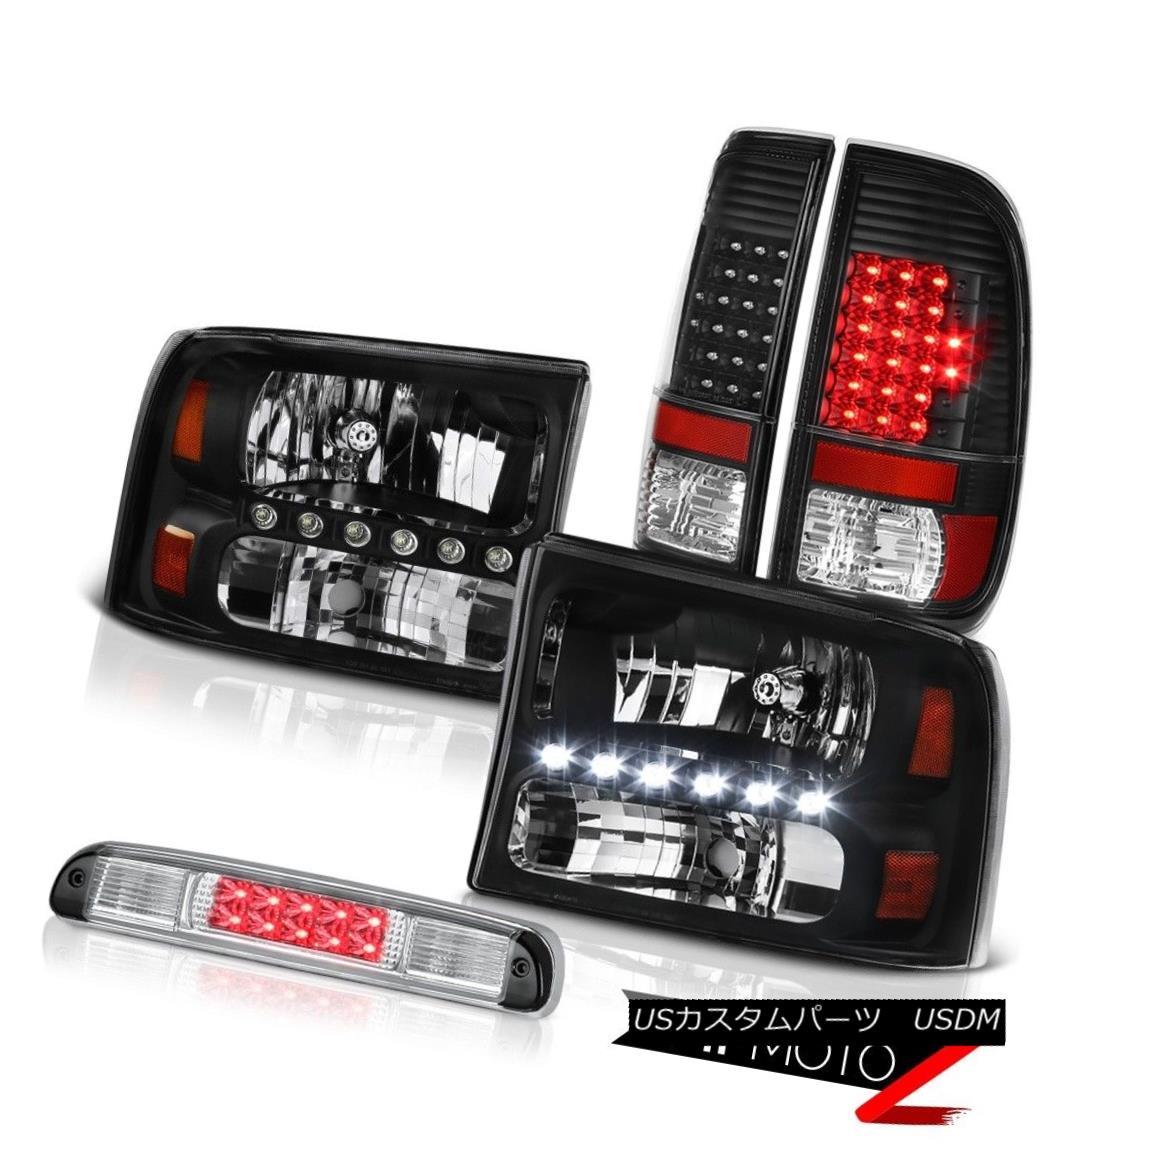 ヘッドライト Inky Black Headlights Tail Lights Assembly LED Roof Stop Clear 99-04 F250 5.4L Inky BlackヘッドライトテールライトアセンブリLEDルーフストップクリア99-04 F250 5.4L